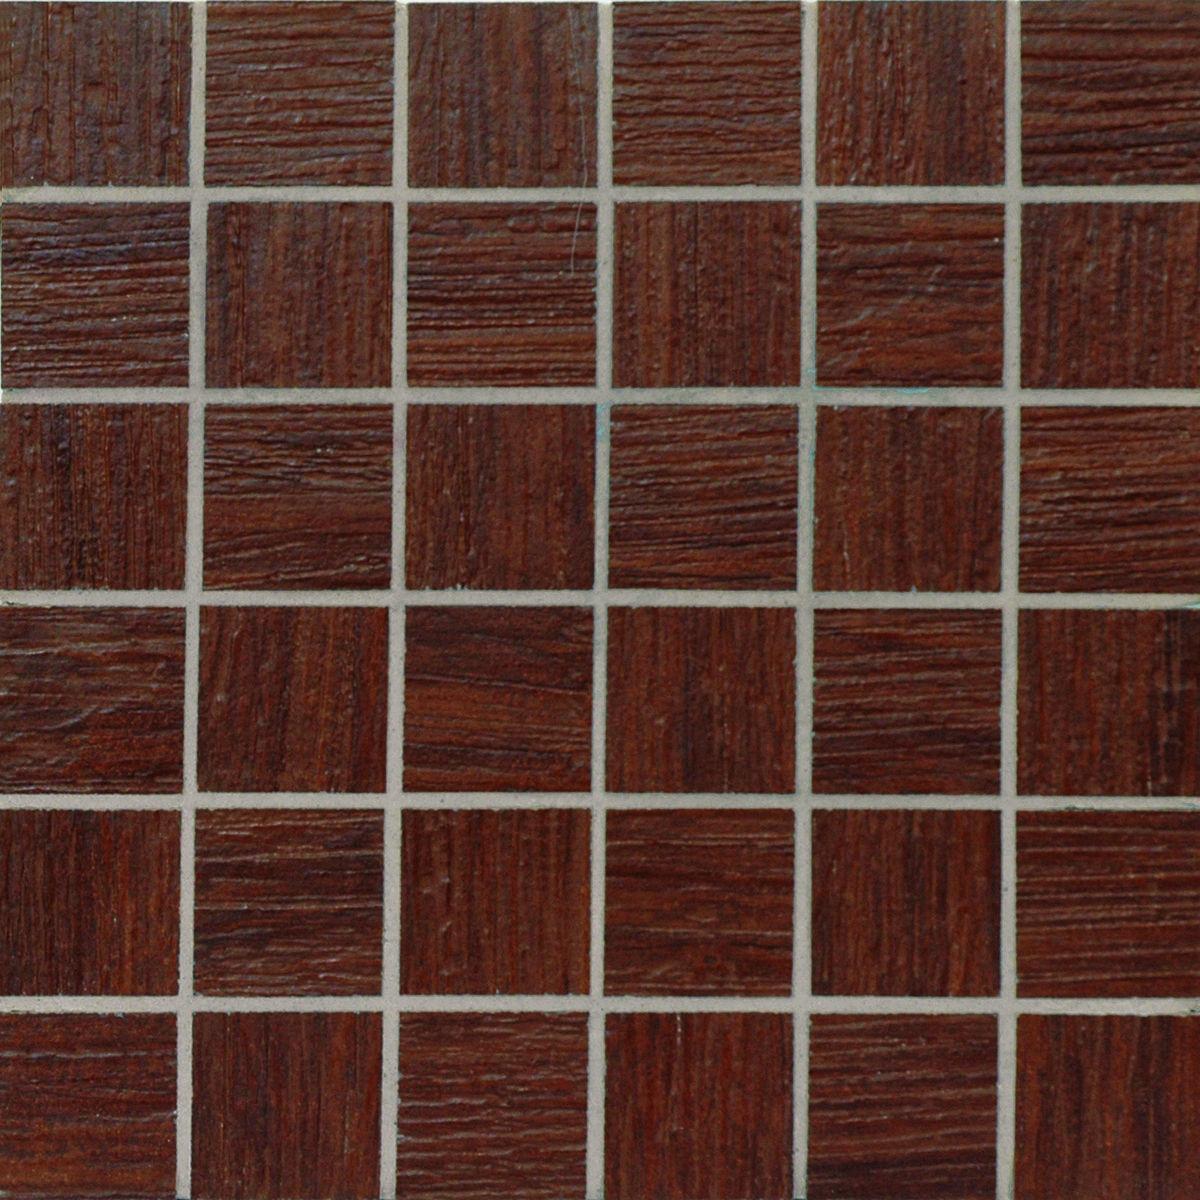 Мозаика Zeus Ceramicа Casa Moodwood Wenge Teak 30х30 Mqcxp8